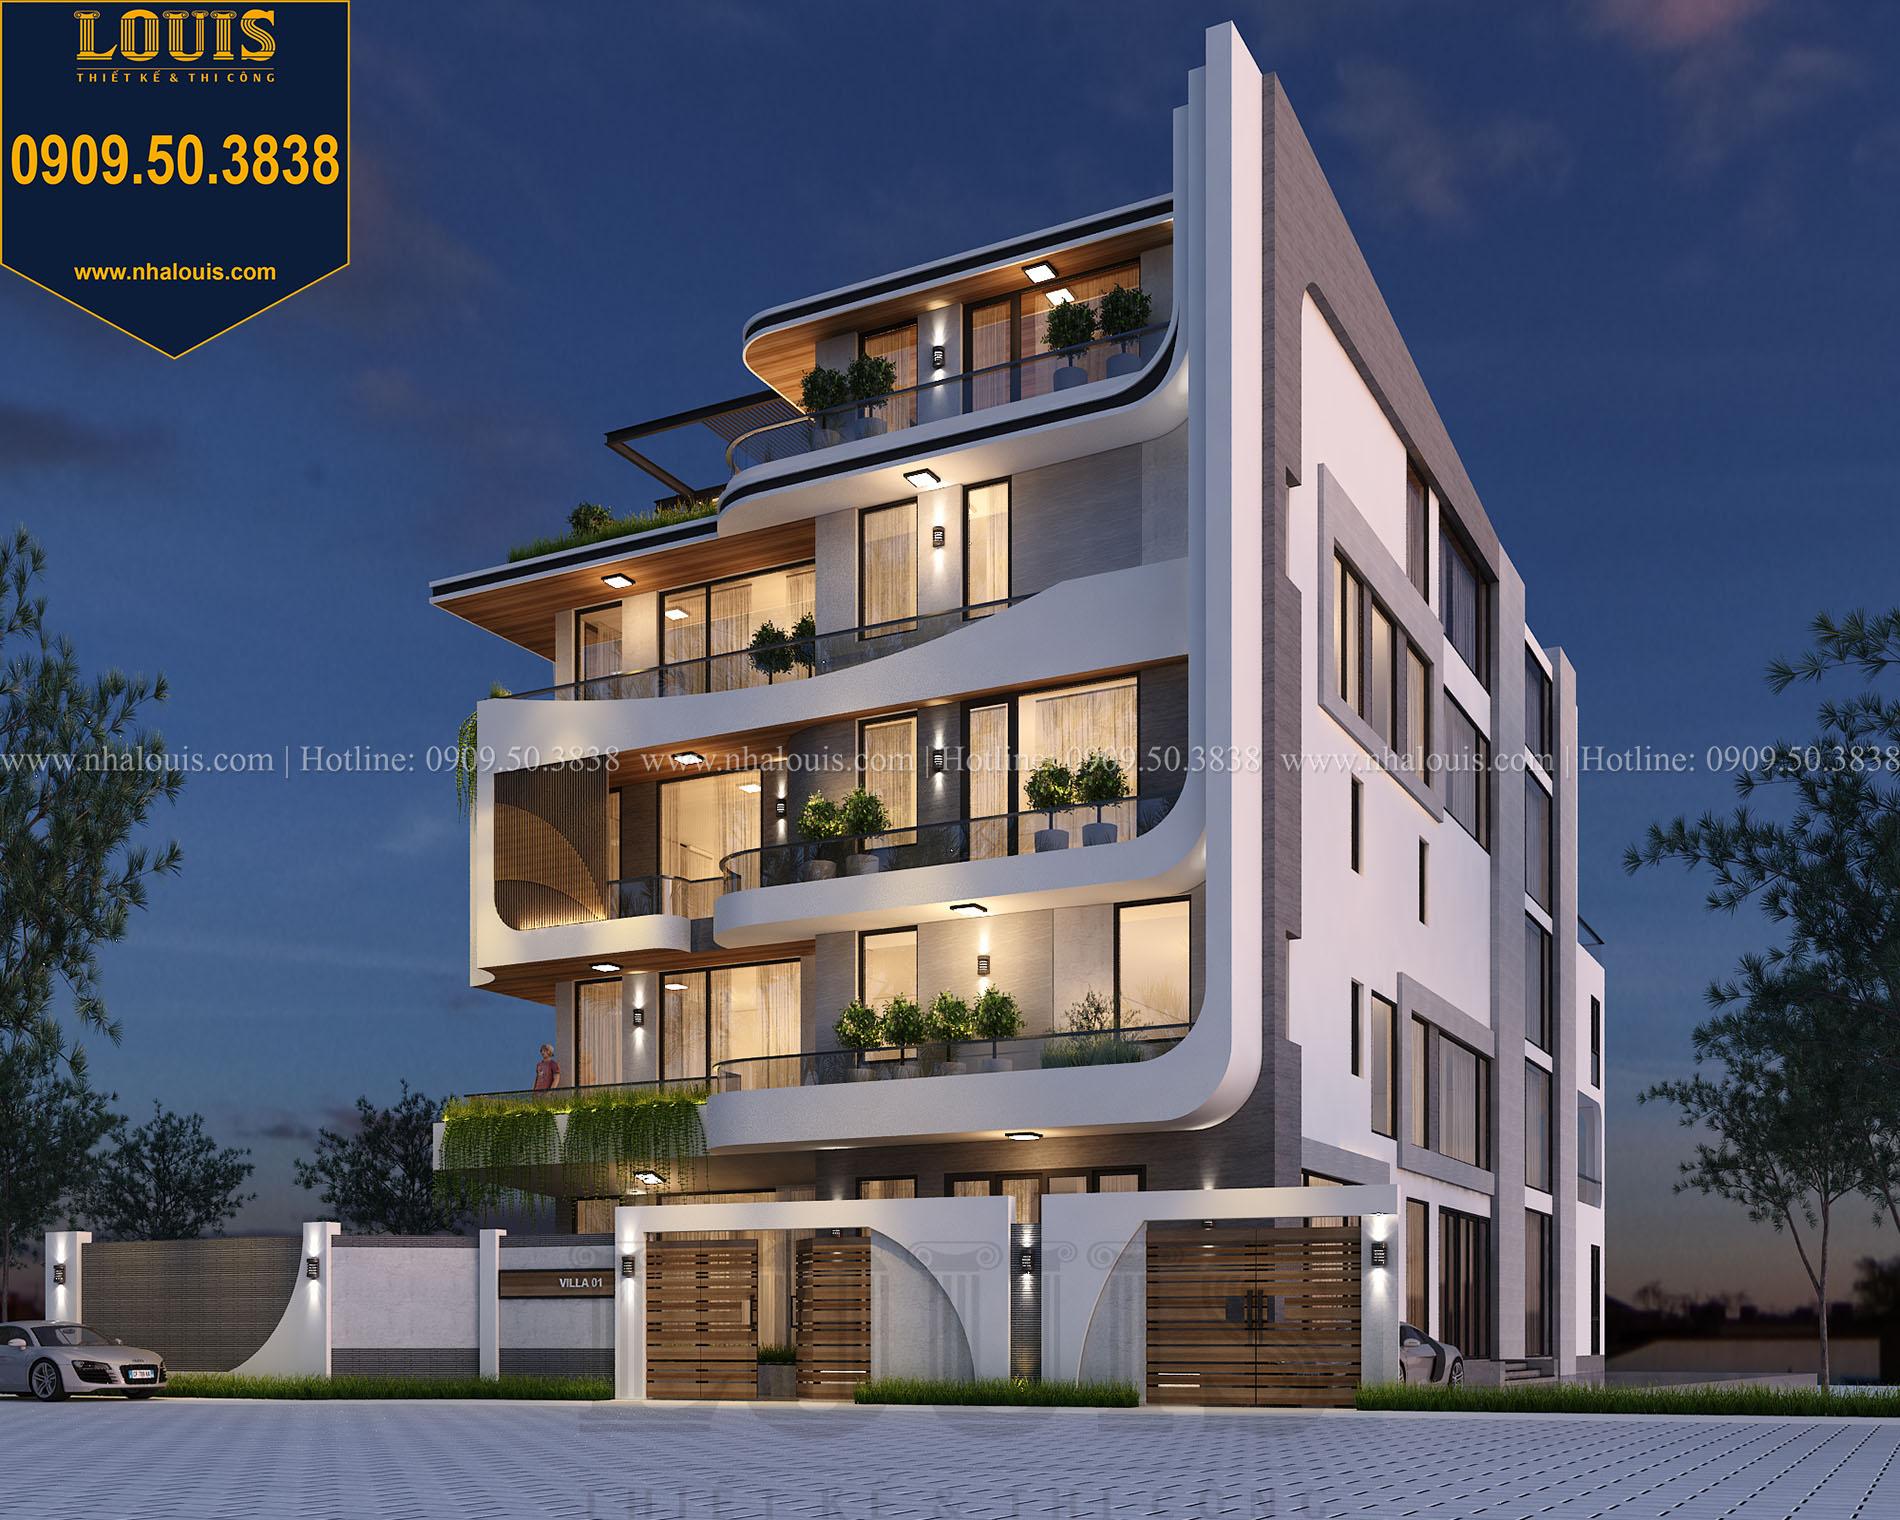 Mặt tiền Thiết kế biệt thự 5 tầng hiện đại đẹp lung linh tại Nha Trang - 004